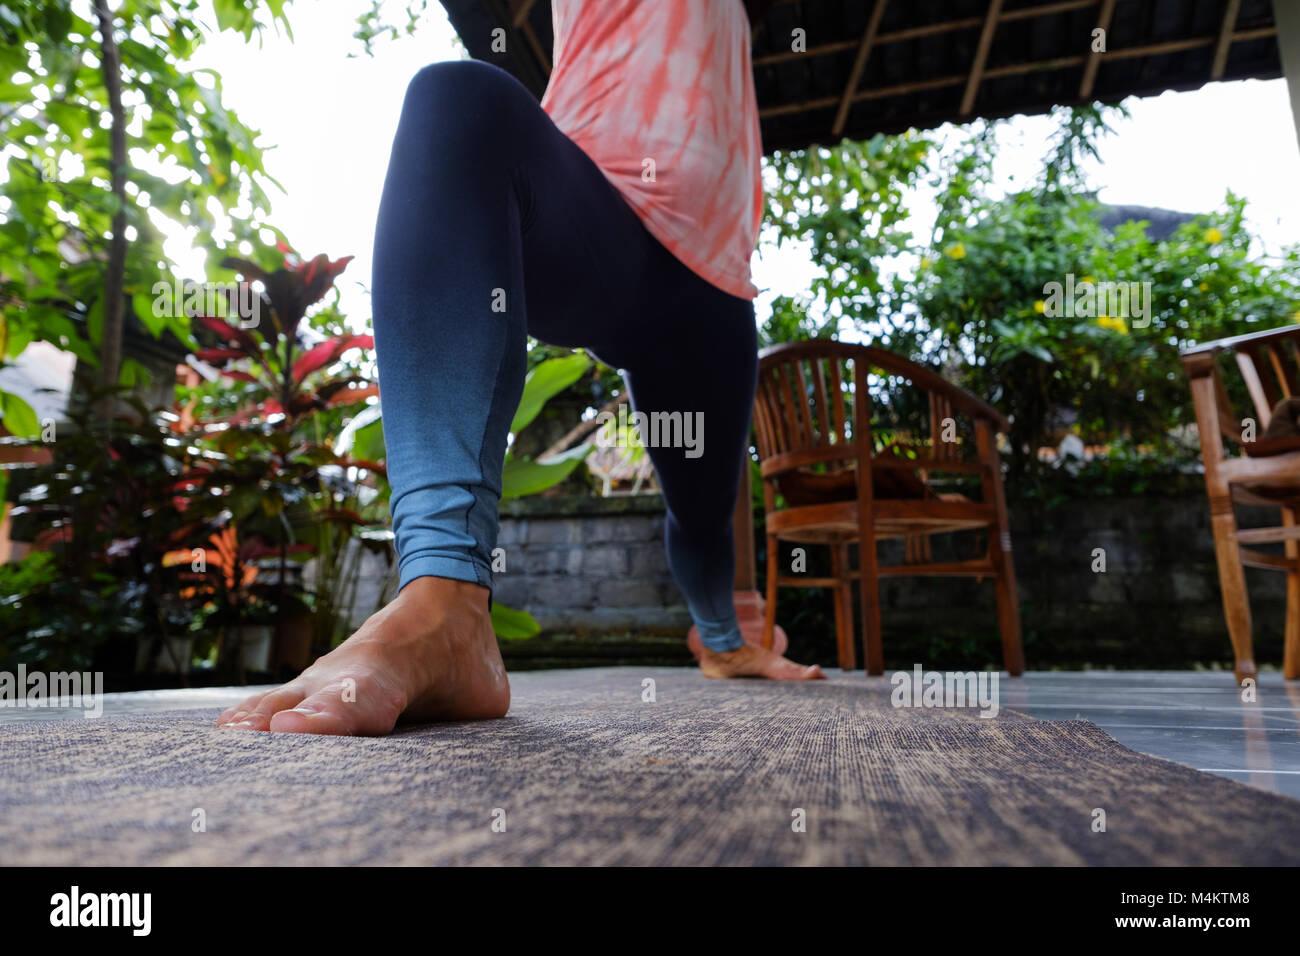 Junge Frau Yoga Asana Virabhadrasana Warrior Pose auf der Terrasse während der Ferien. Stockbild